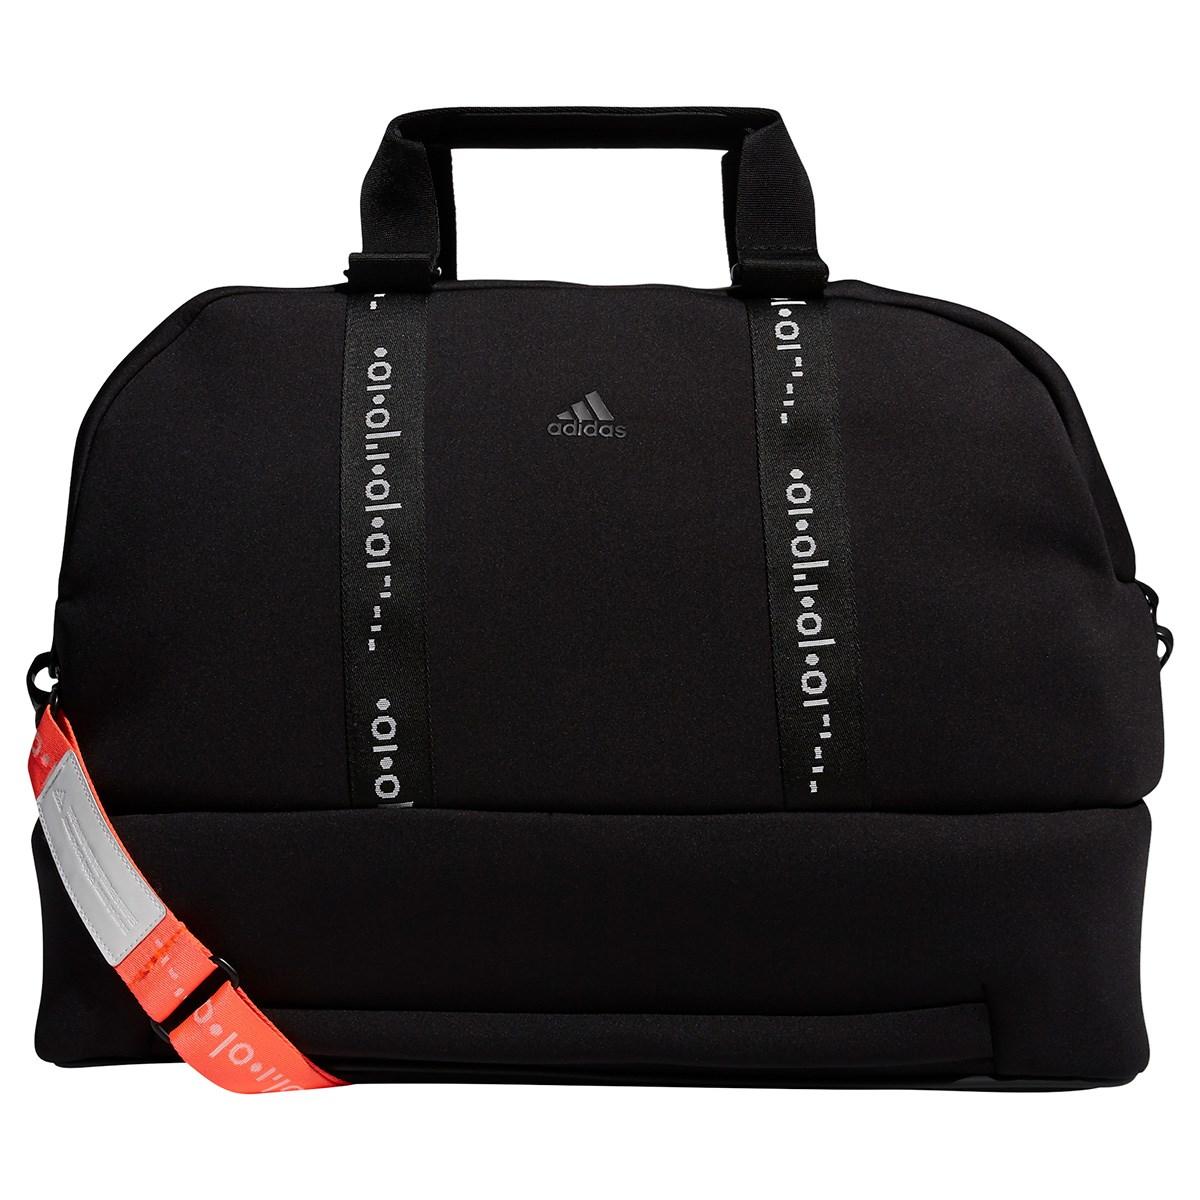 アディダス(adidas) 3ストライプボストンバッグレディス